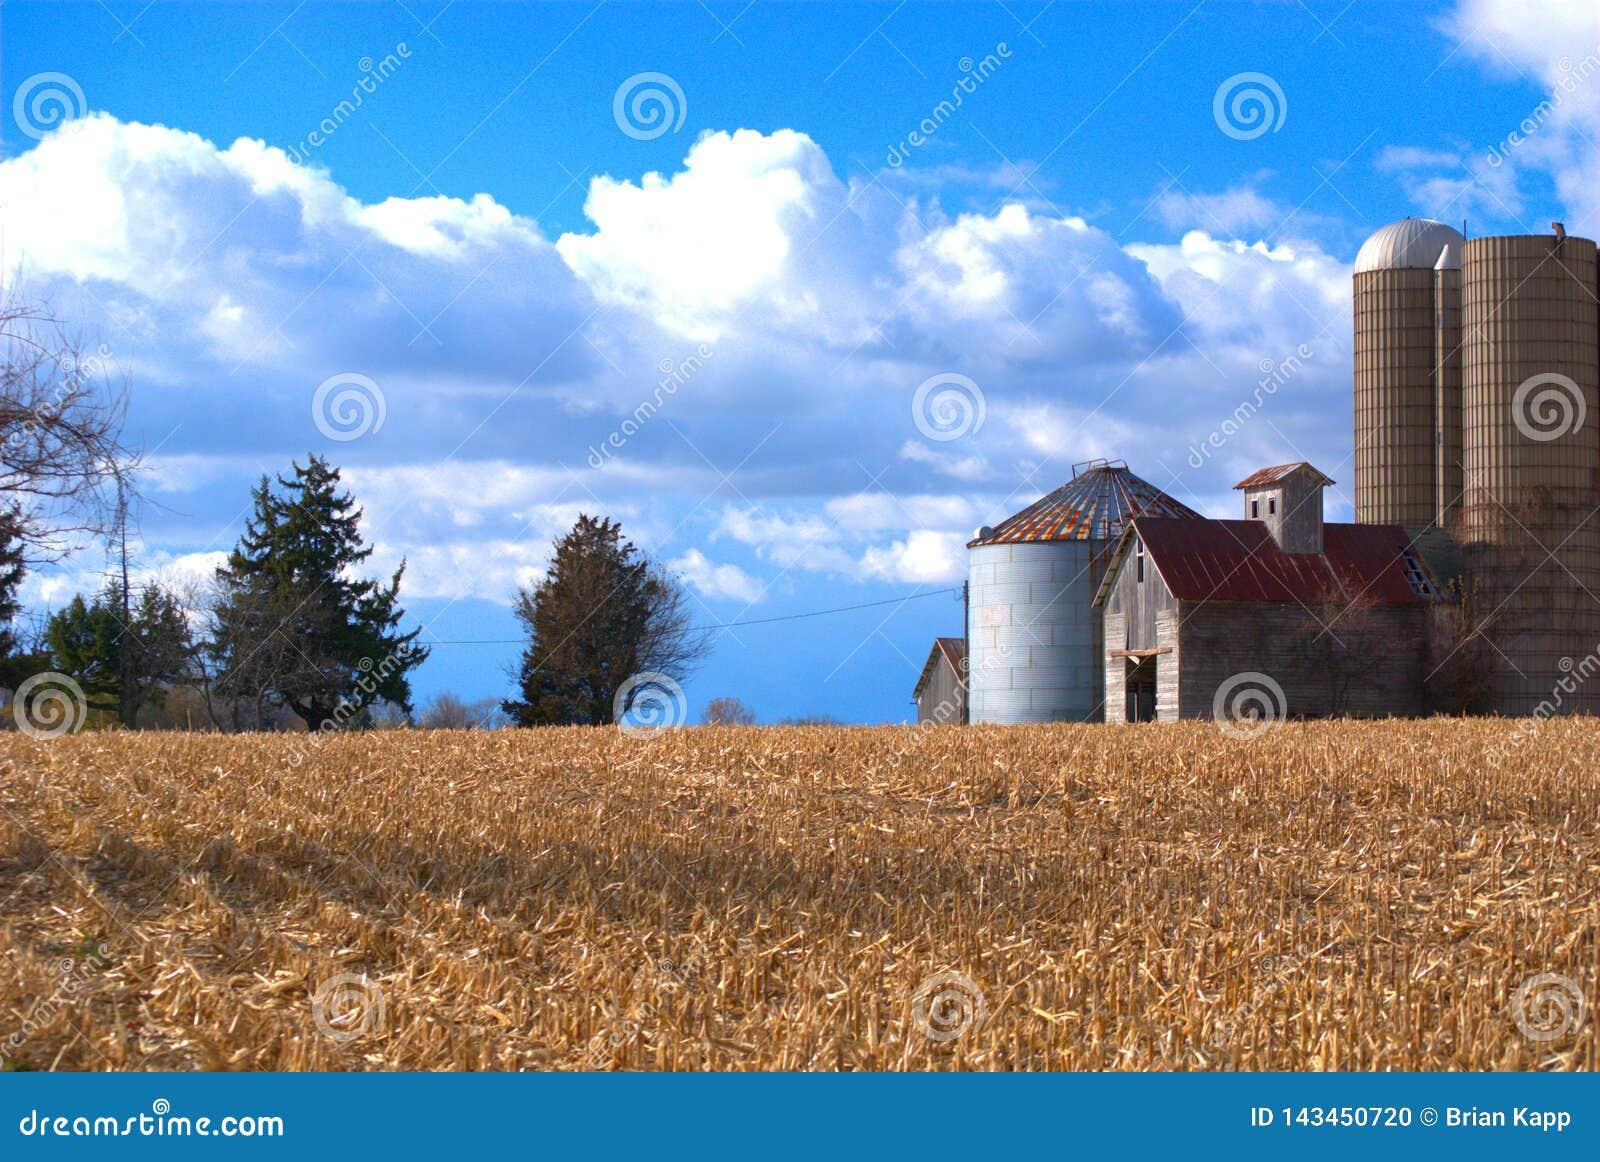 Środkowy Zachód usa Farmscape